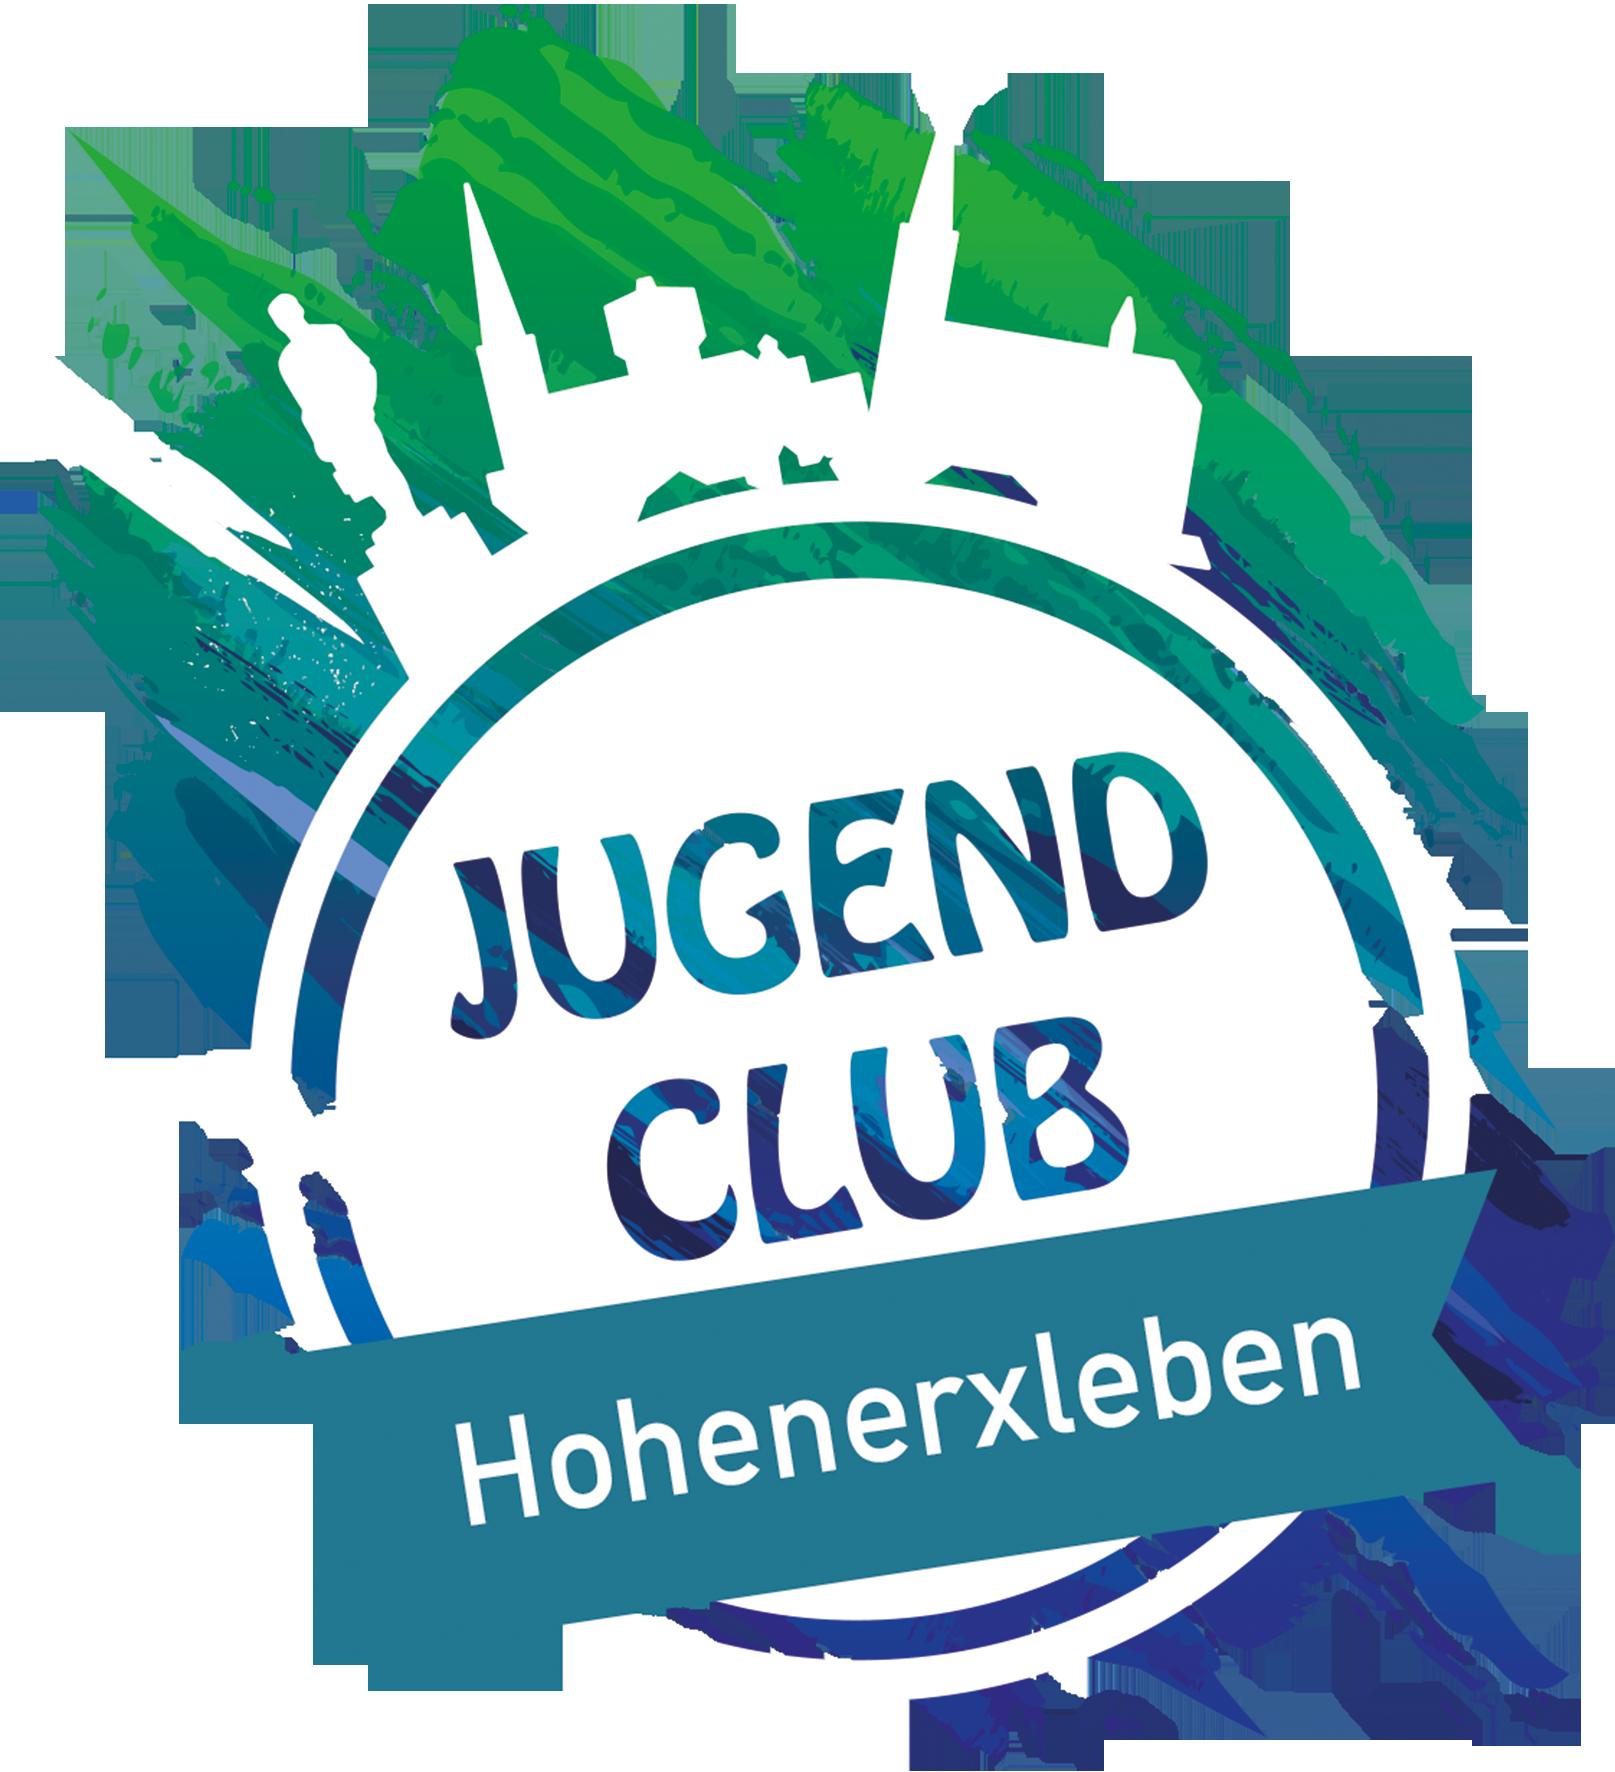 Kinder- und Jugendclub Hohenerxleben